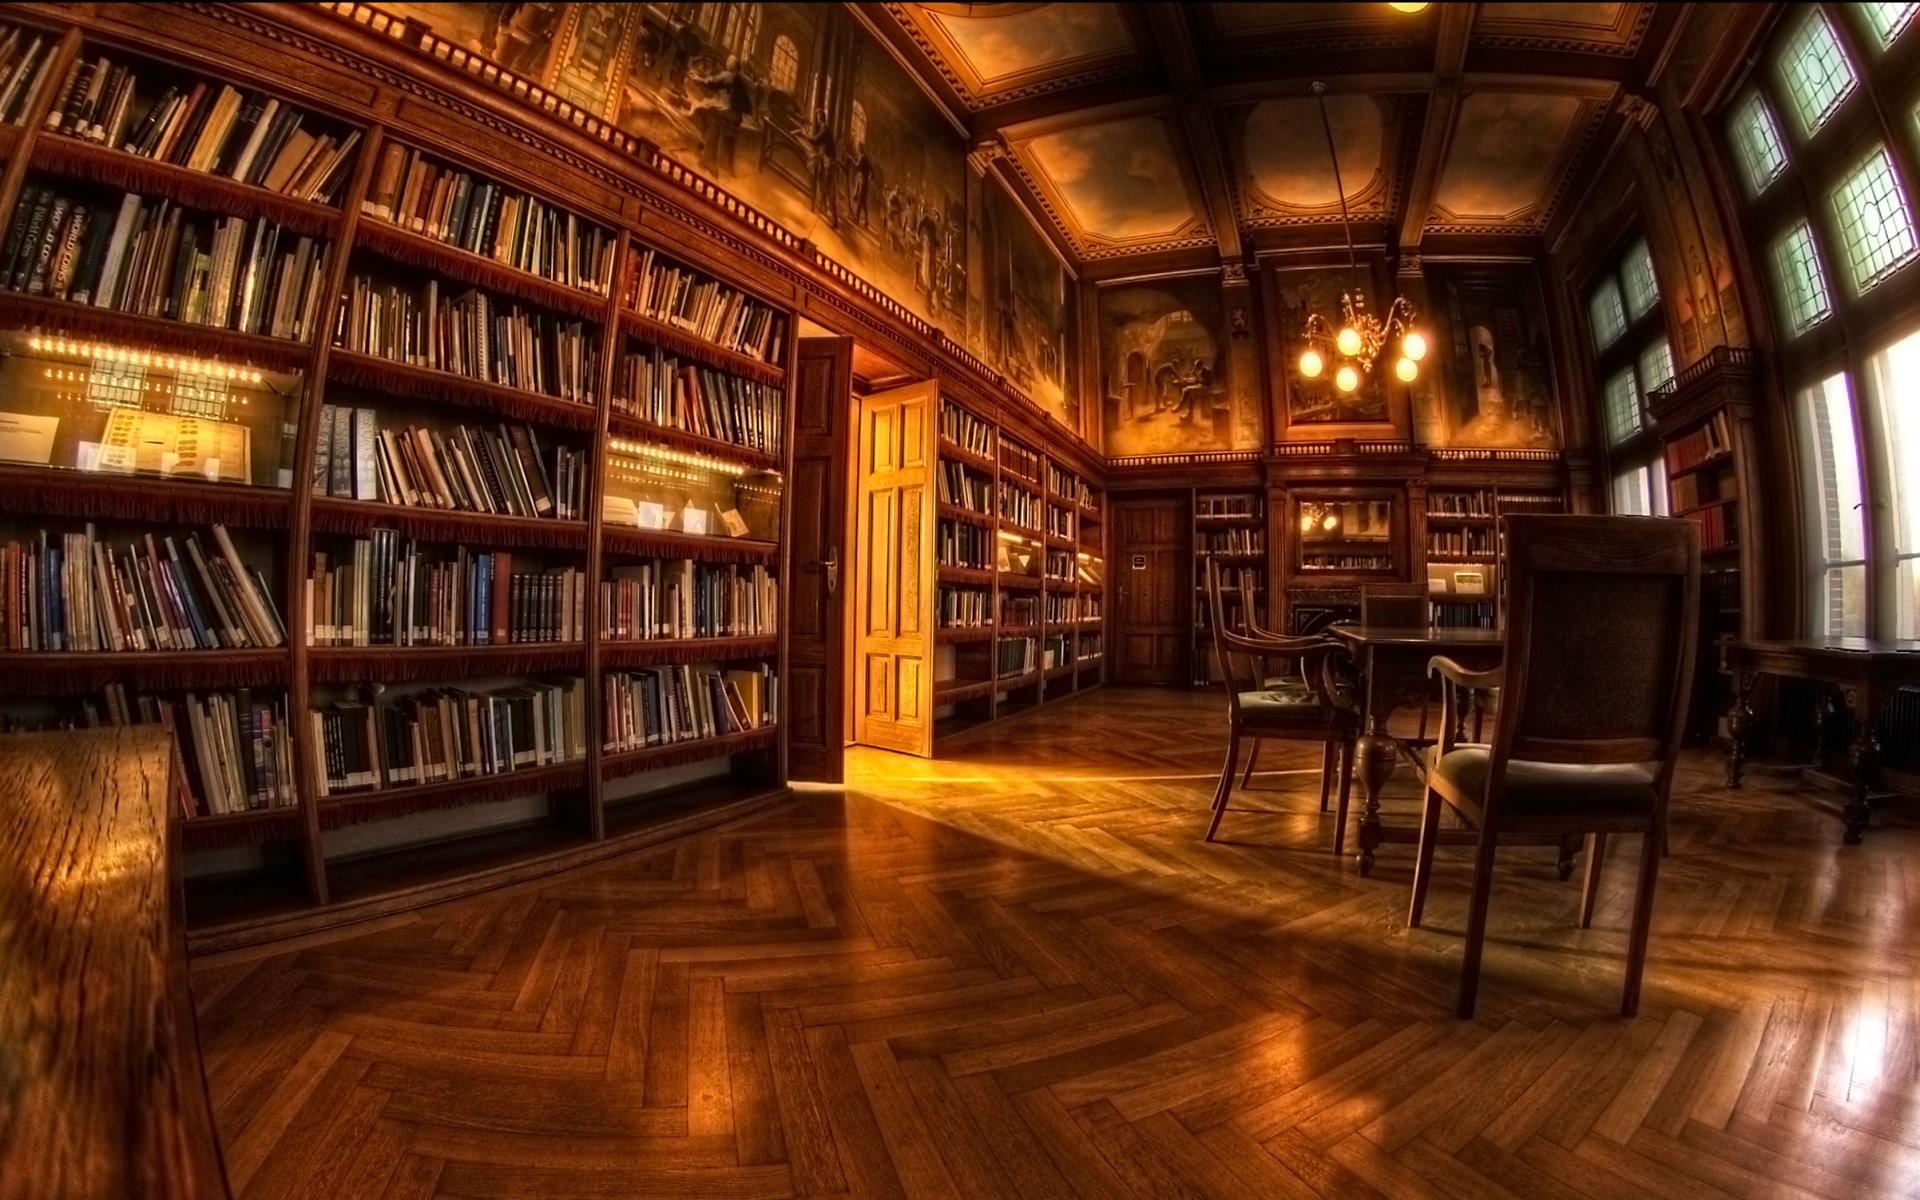 Hogwarts Desktop Wallpaper 68 Images